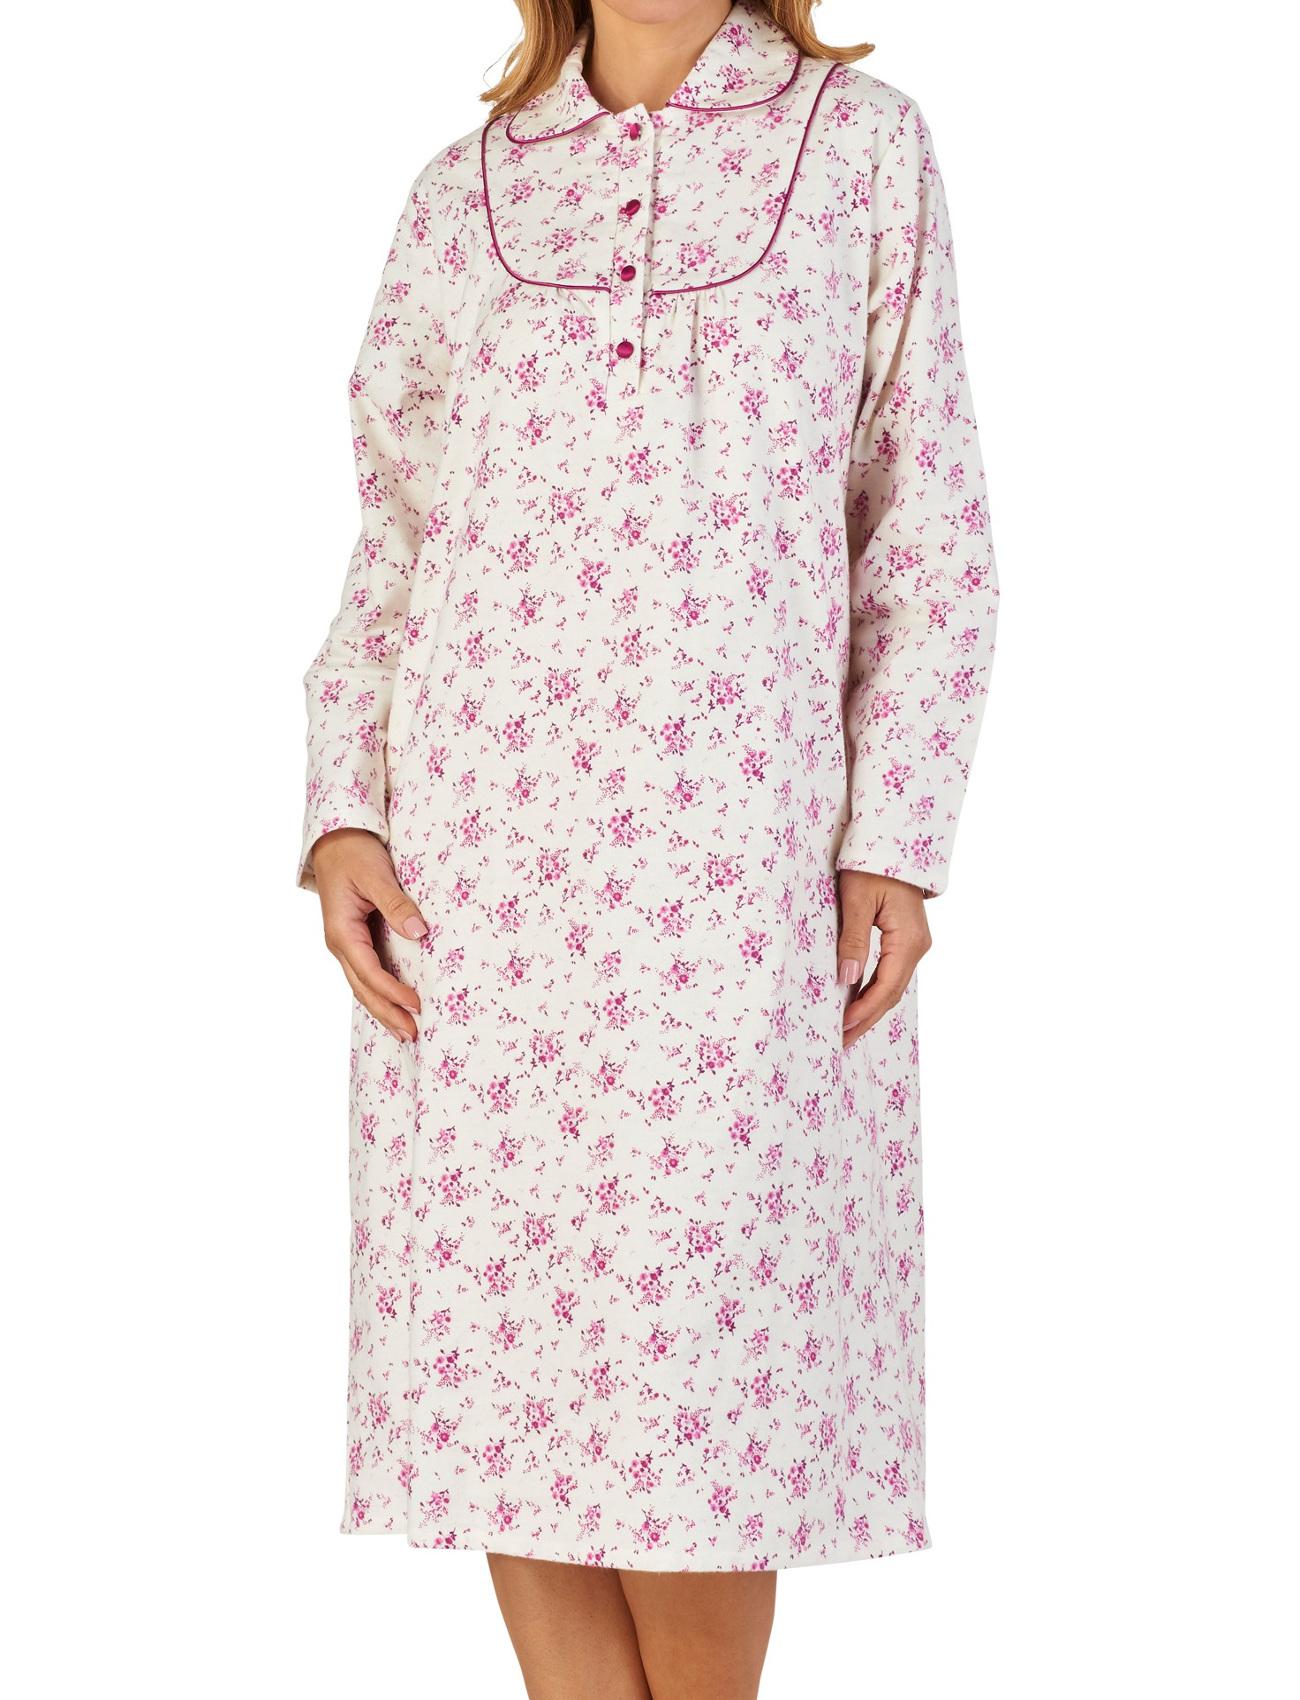 Chemise de nuit Femme Peter Pan Col Floral Winceyette Coton Nuisette Slenderella